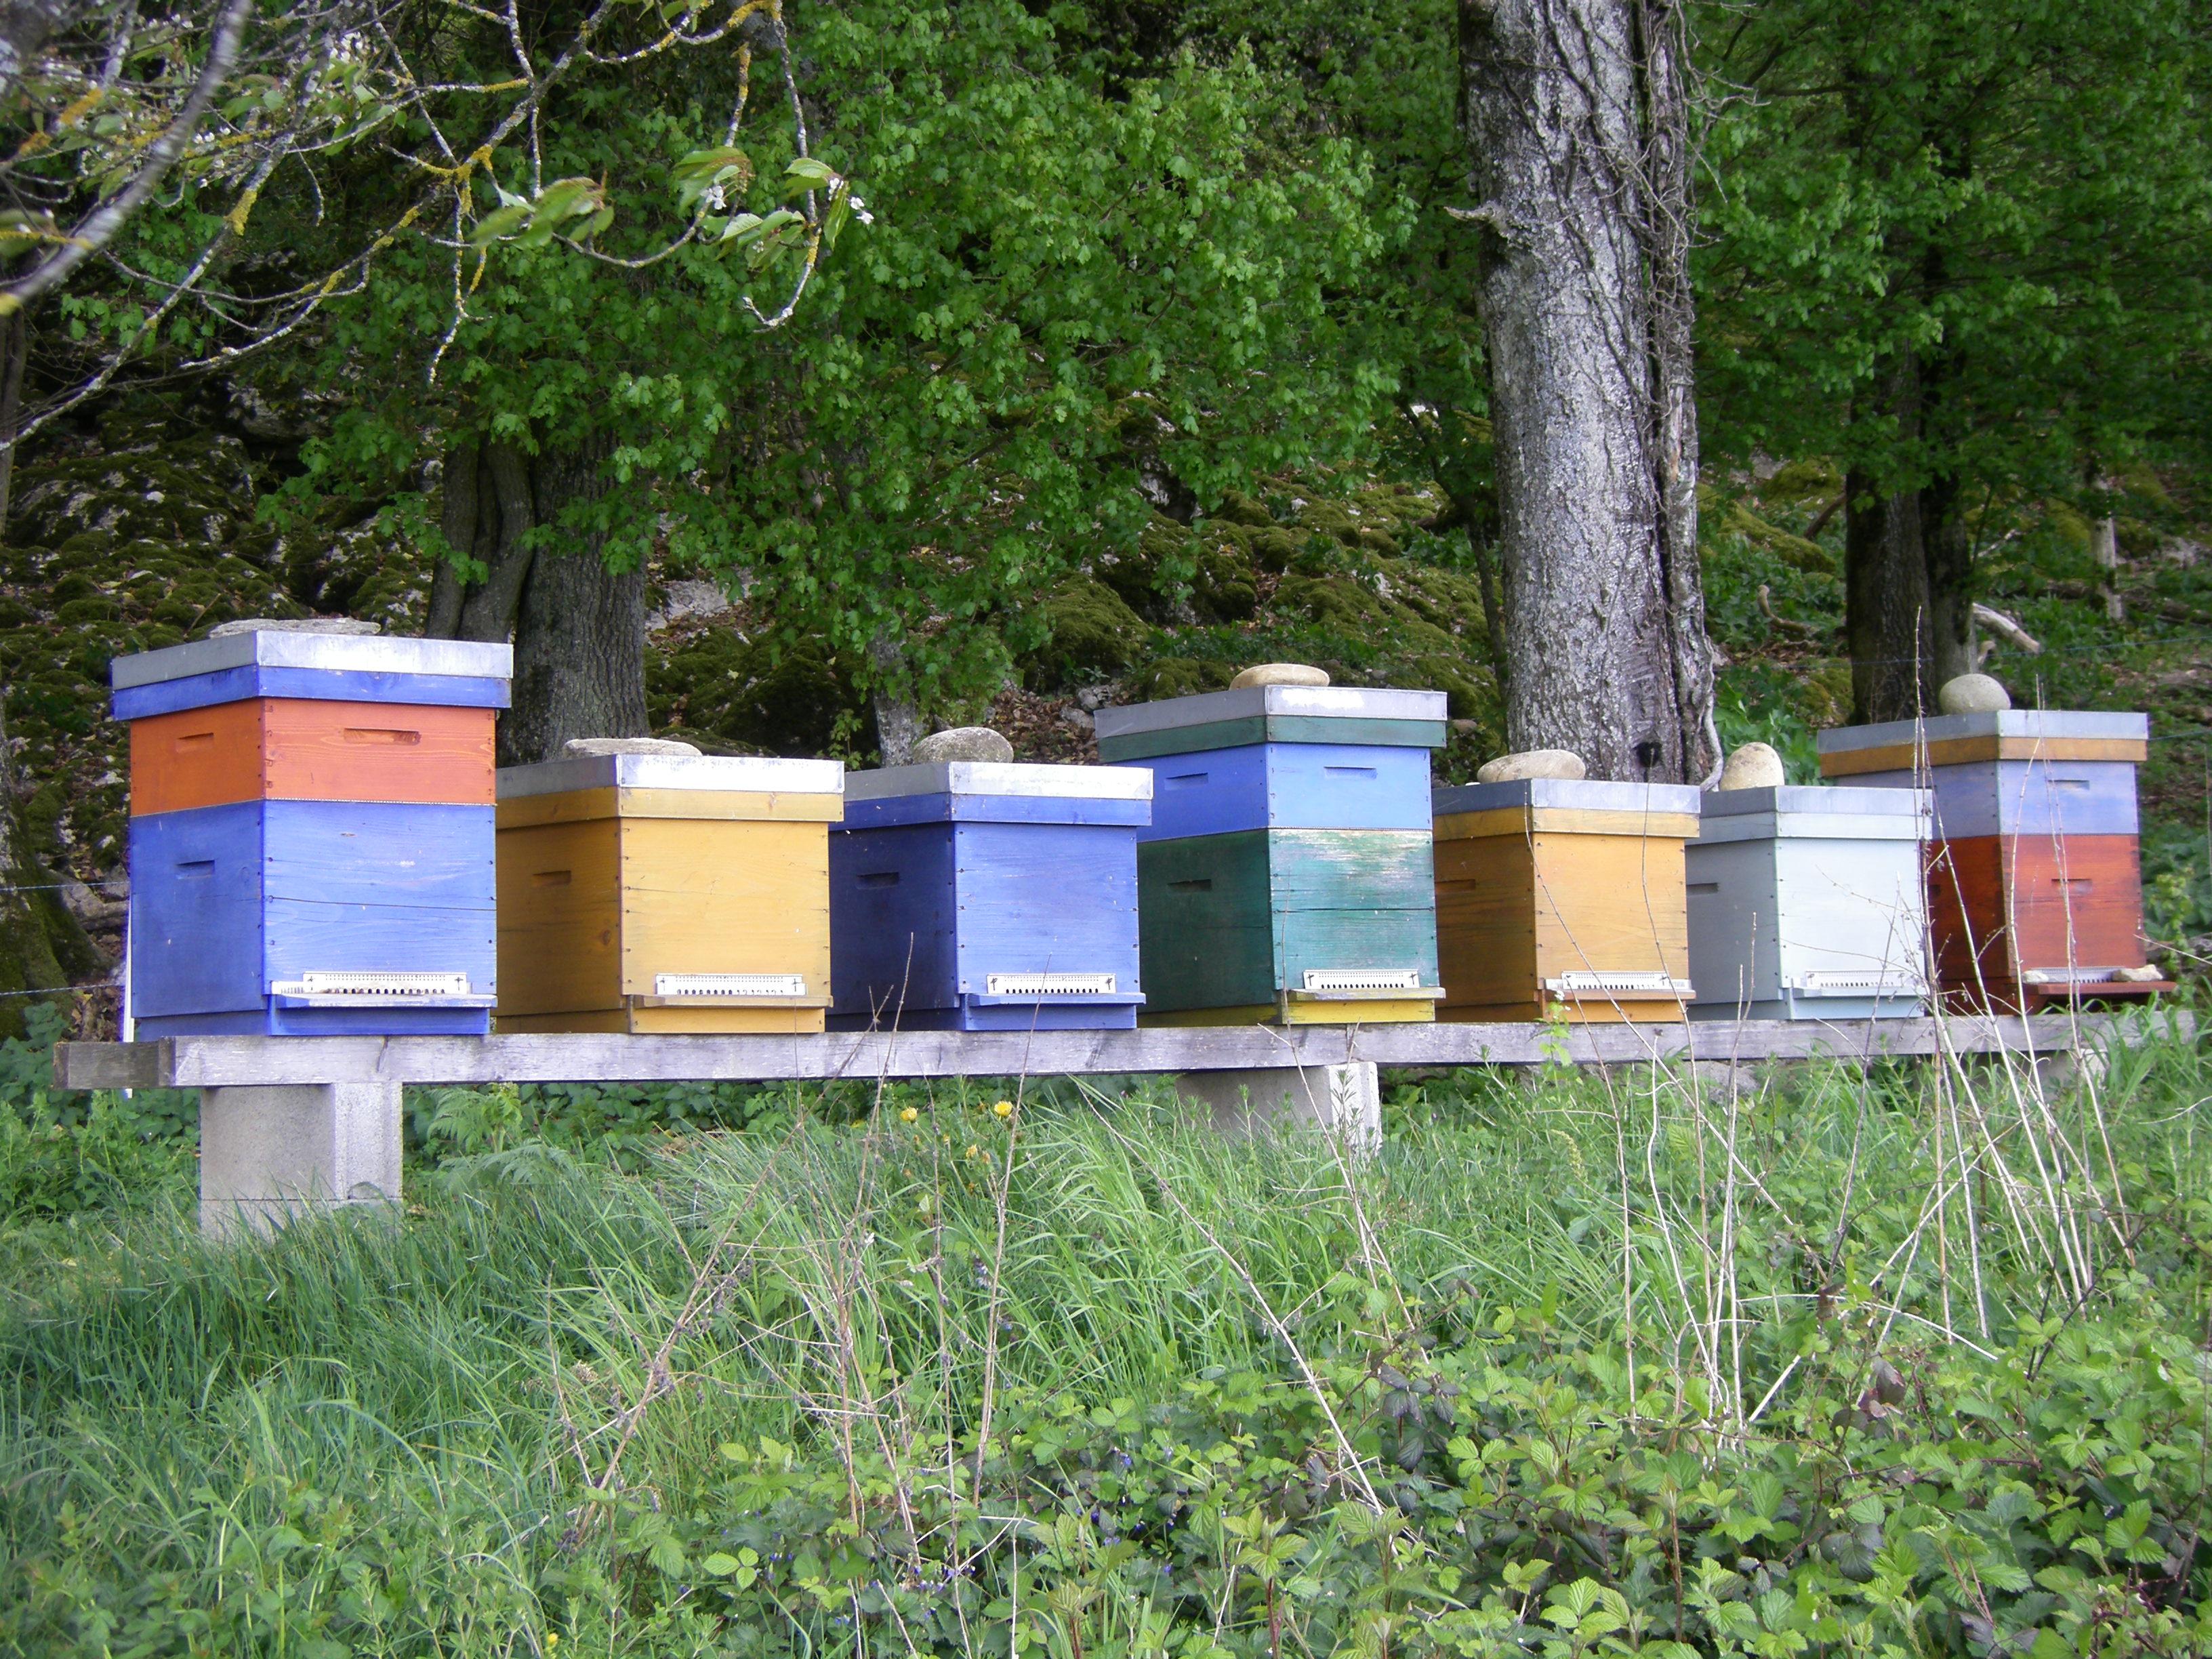 Les ruches de Geneviève Burkardt [RTS]